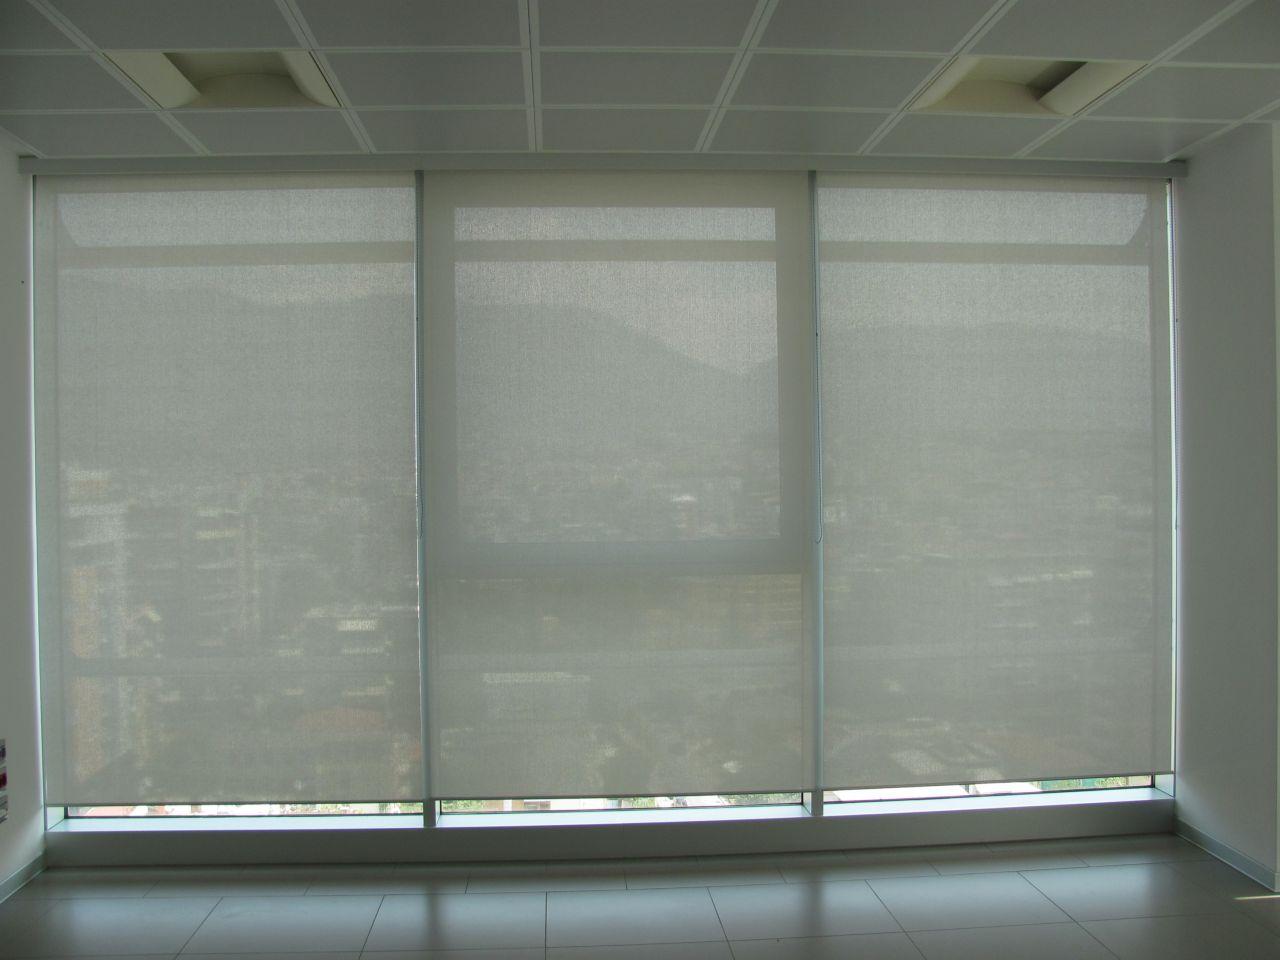 Spazio per ufficio in affitto  situato in una zona molto frequentata a Tirana.